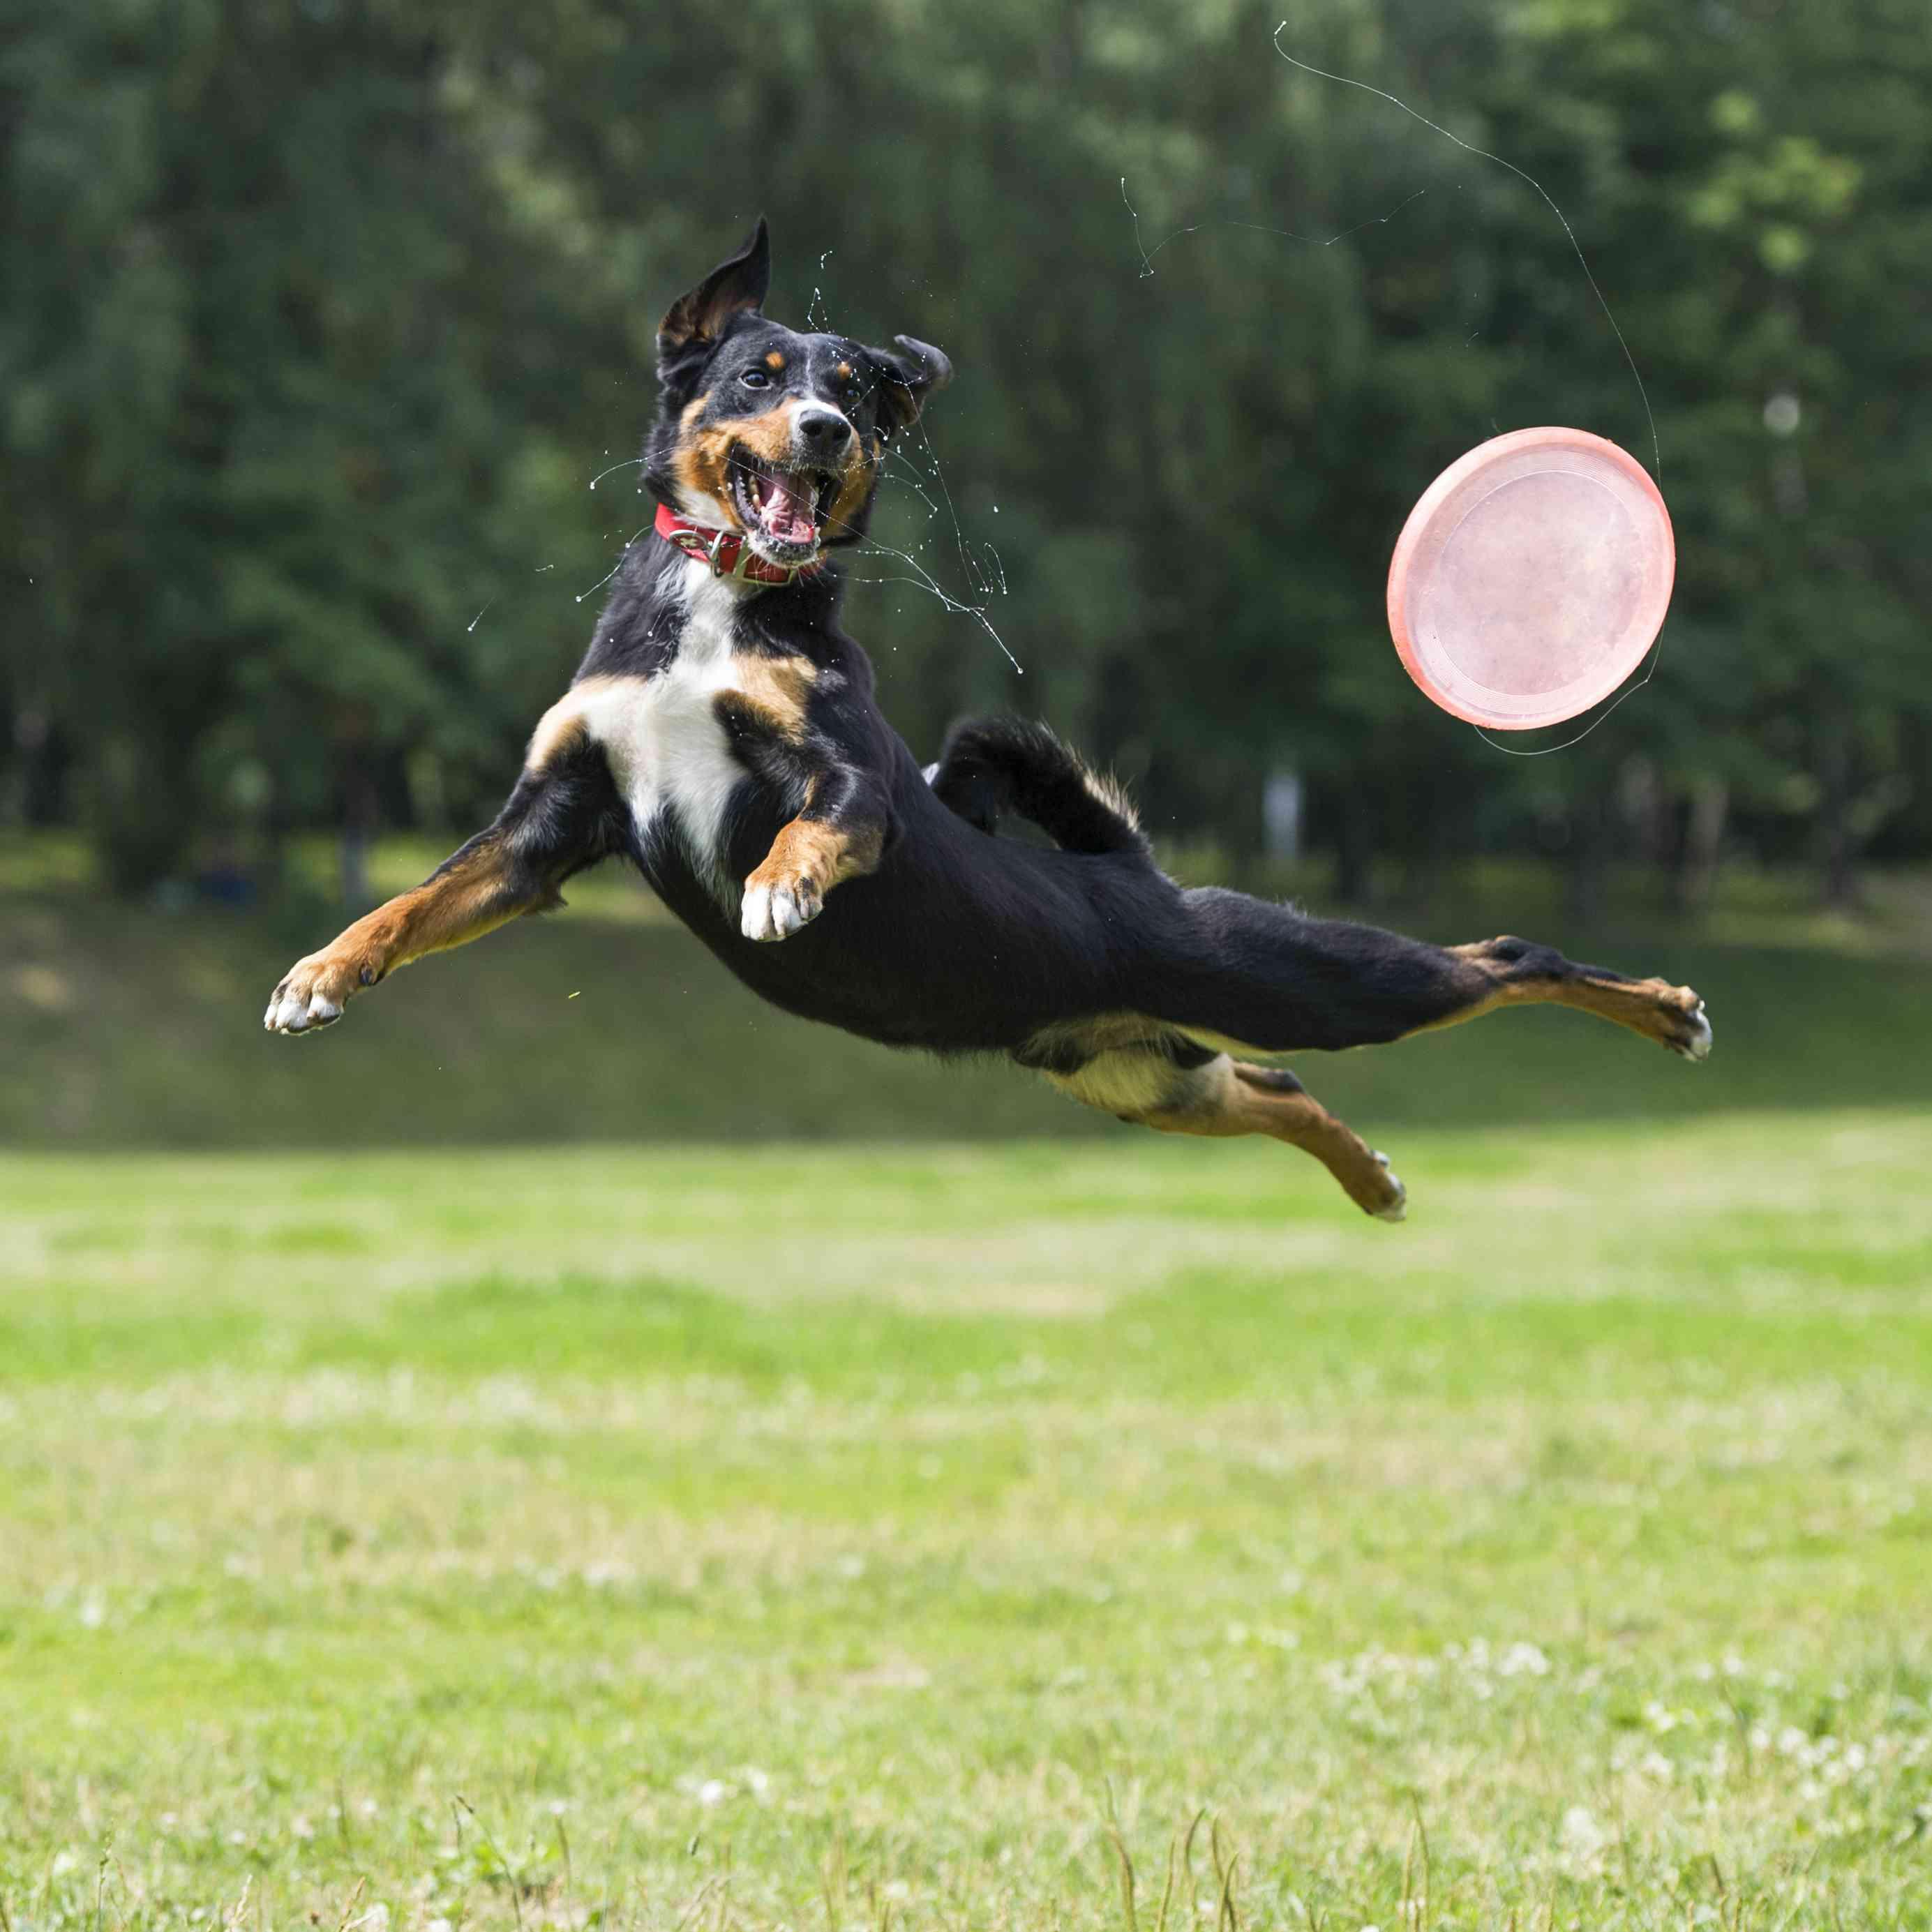 Appenzeller Sennenhund playing frisbee